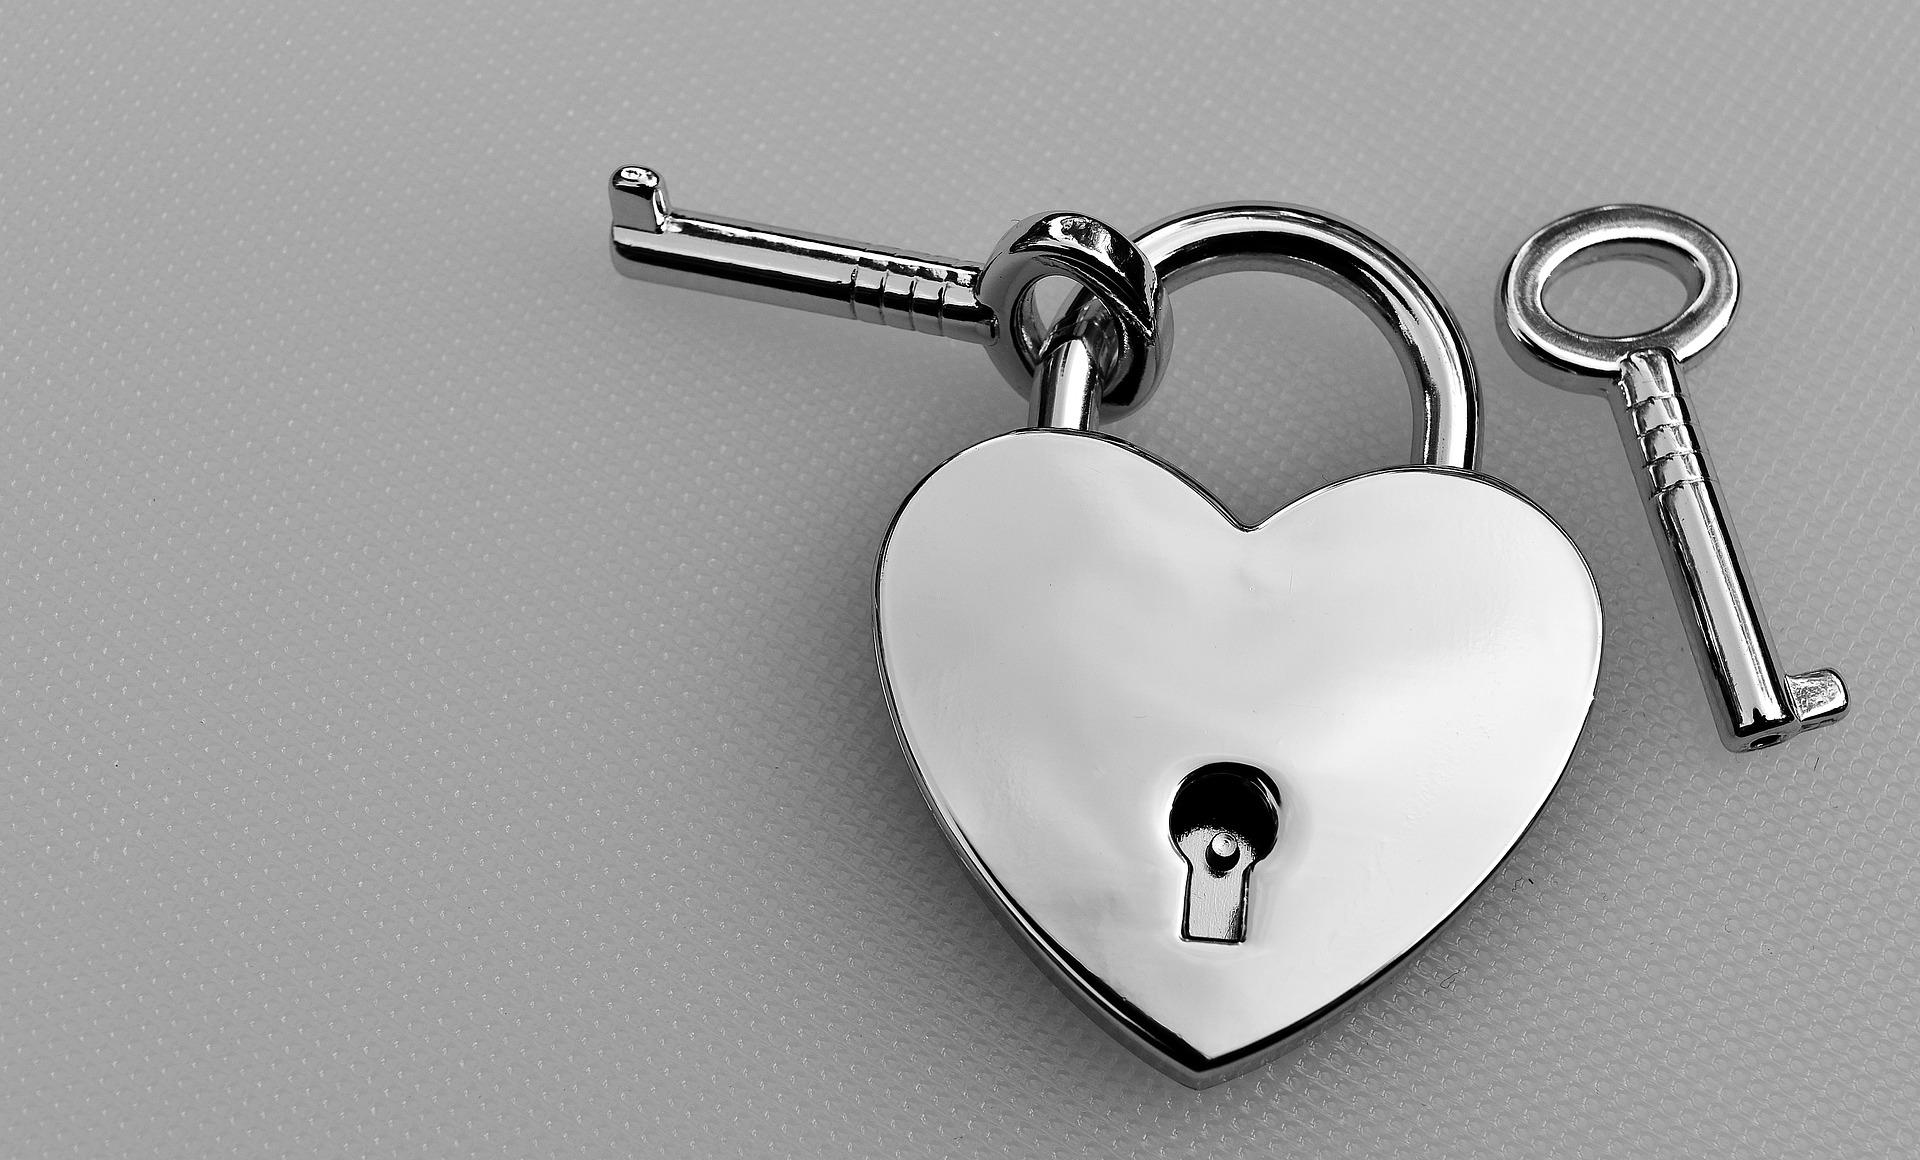 heart shaped lock with key